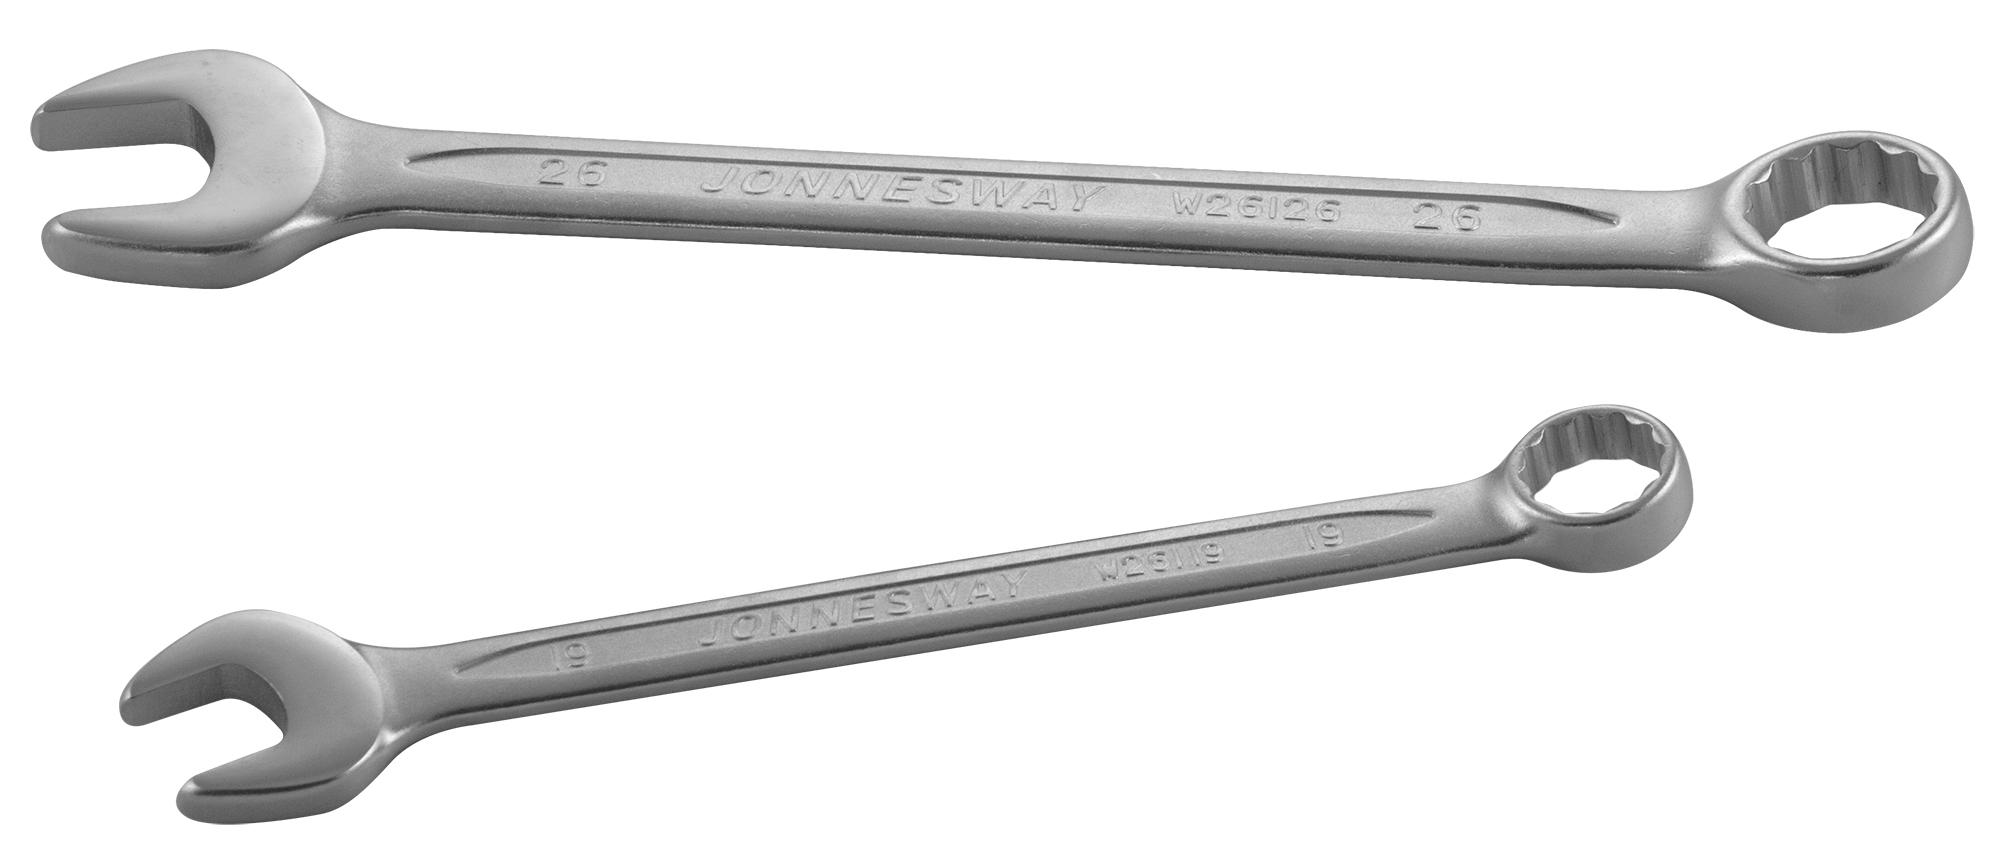 Ключ гаечный комбинированный 50х50 Jonnesway W26150 (50 мм)